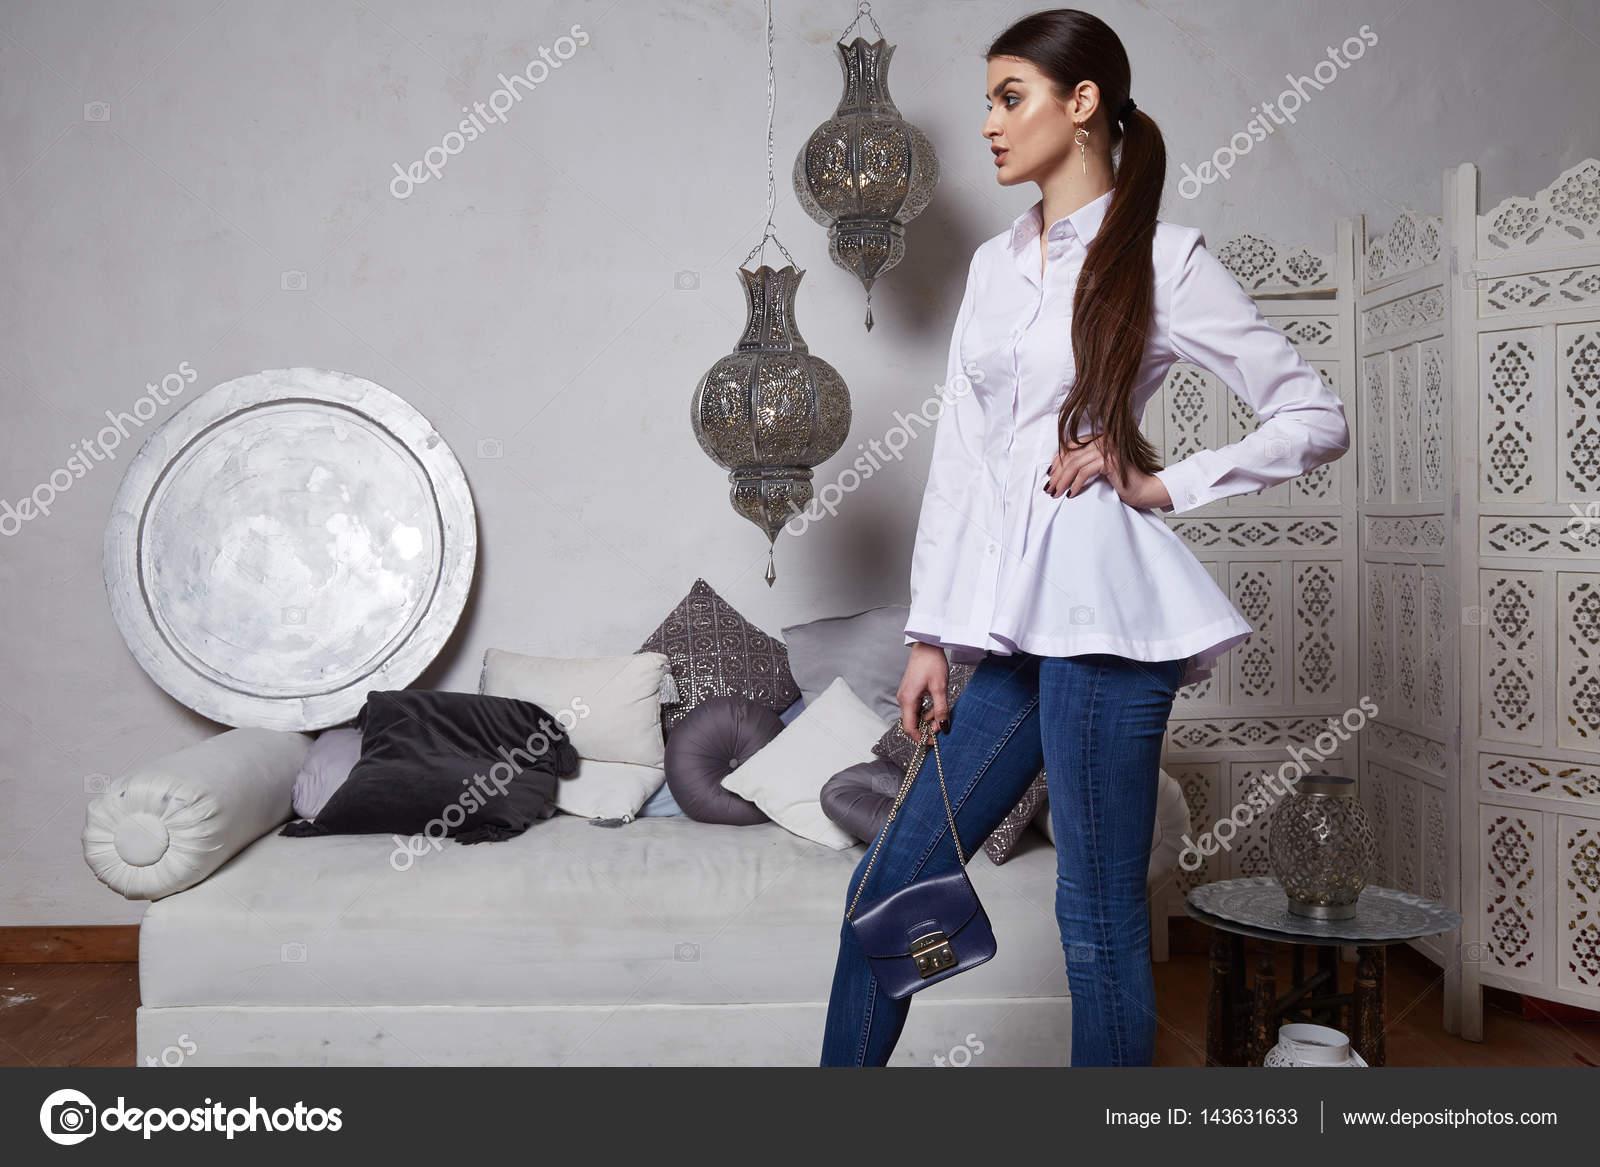 Сексуальные позы у арабов